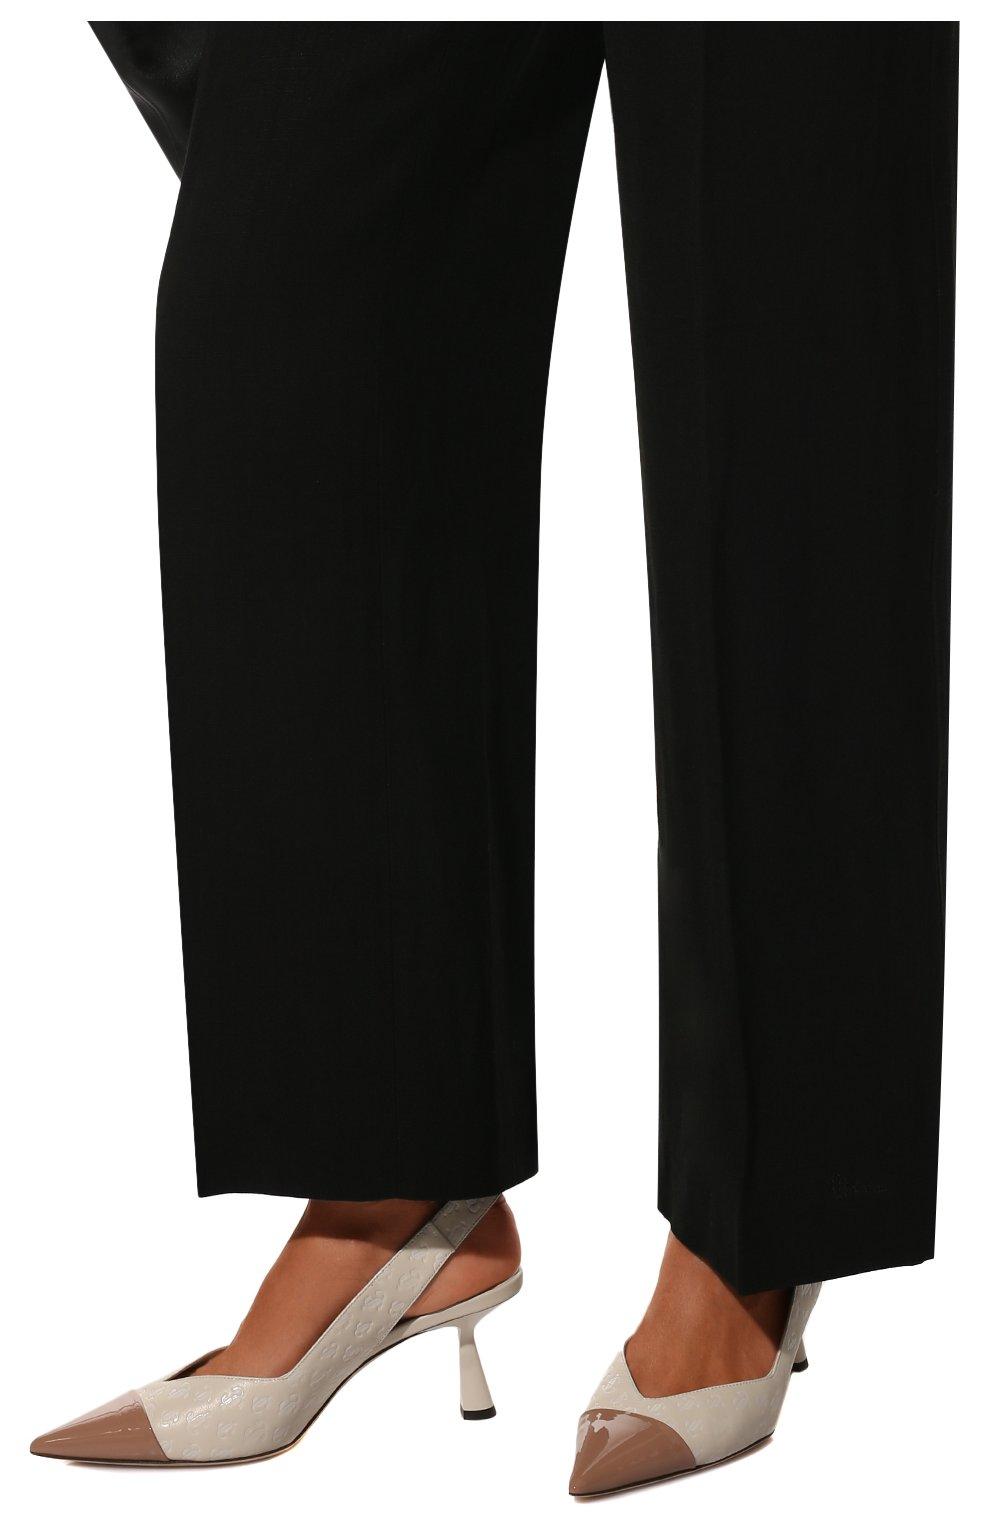 Женские кожаные туфли liya 65 JIMMY CHOO кремвого цвета, арт. LIYA 65/ZY0 | Фото 3 (Материал внутренний: Натуральная кожа; Каблук высота: Средний; Каблук тип: Шпилька; Подошва: Плоская)